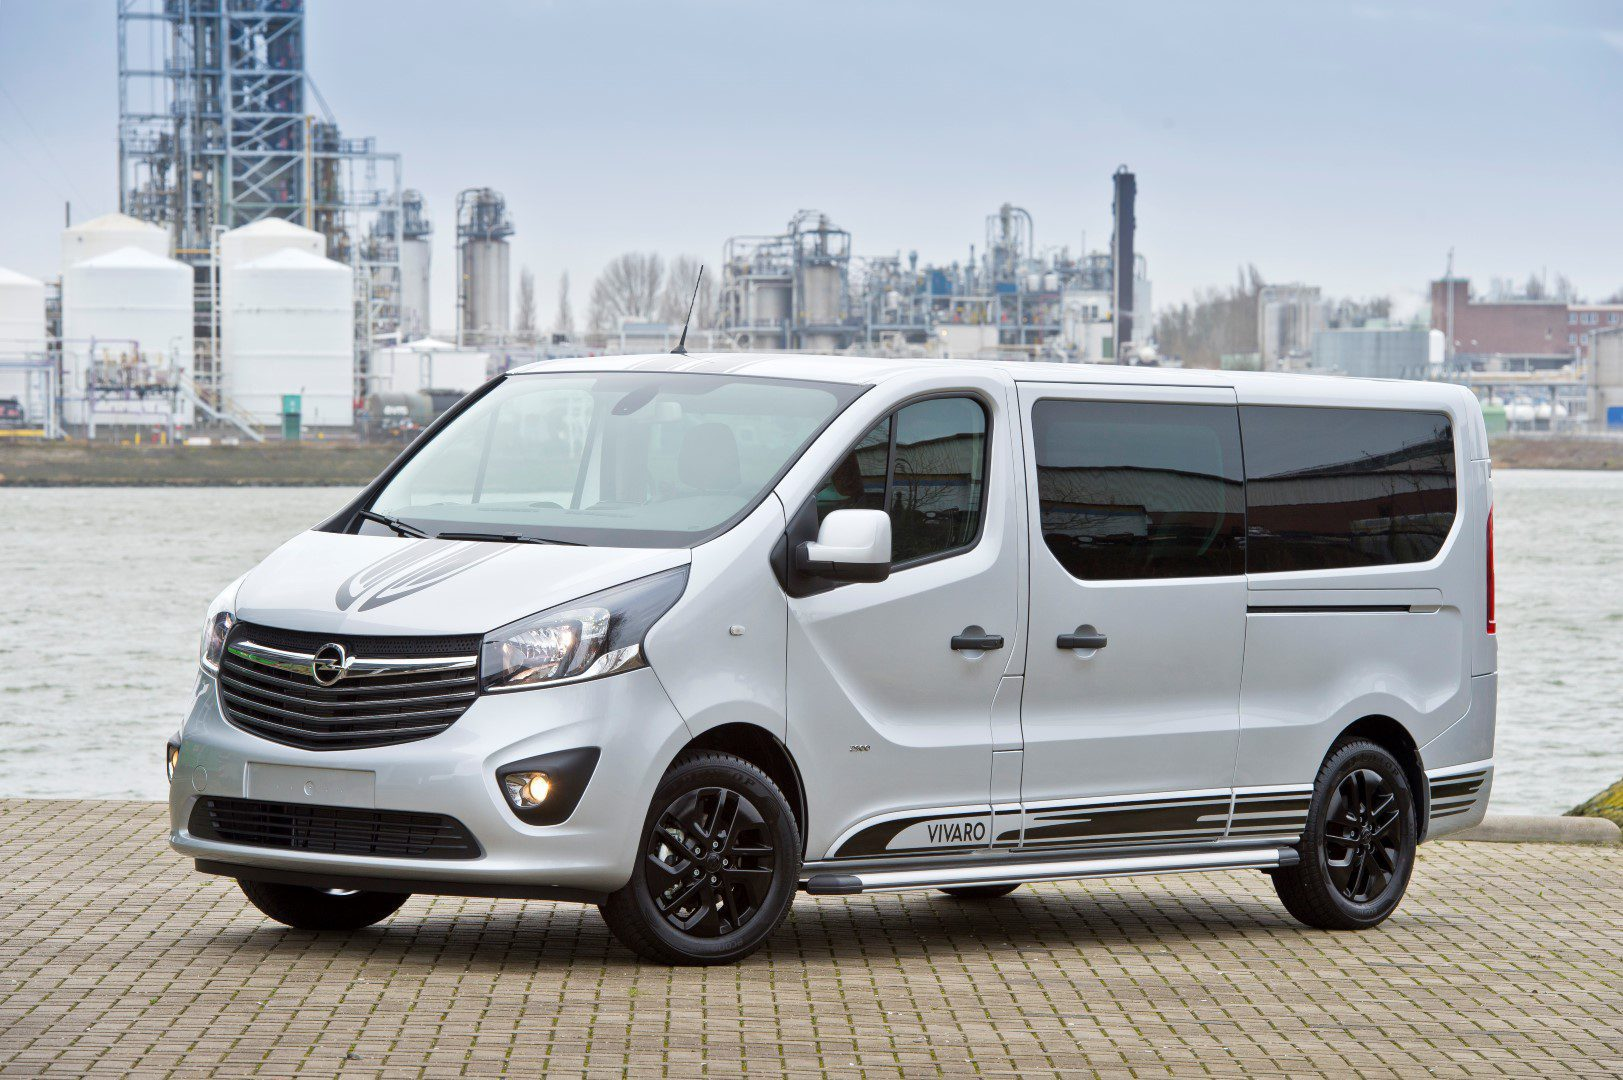 Opel Presenteert Vivaro Innovation 20 Dagelijksautonl